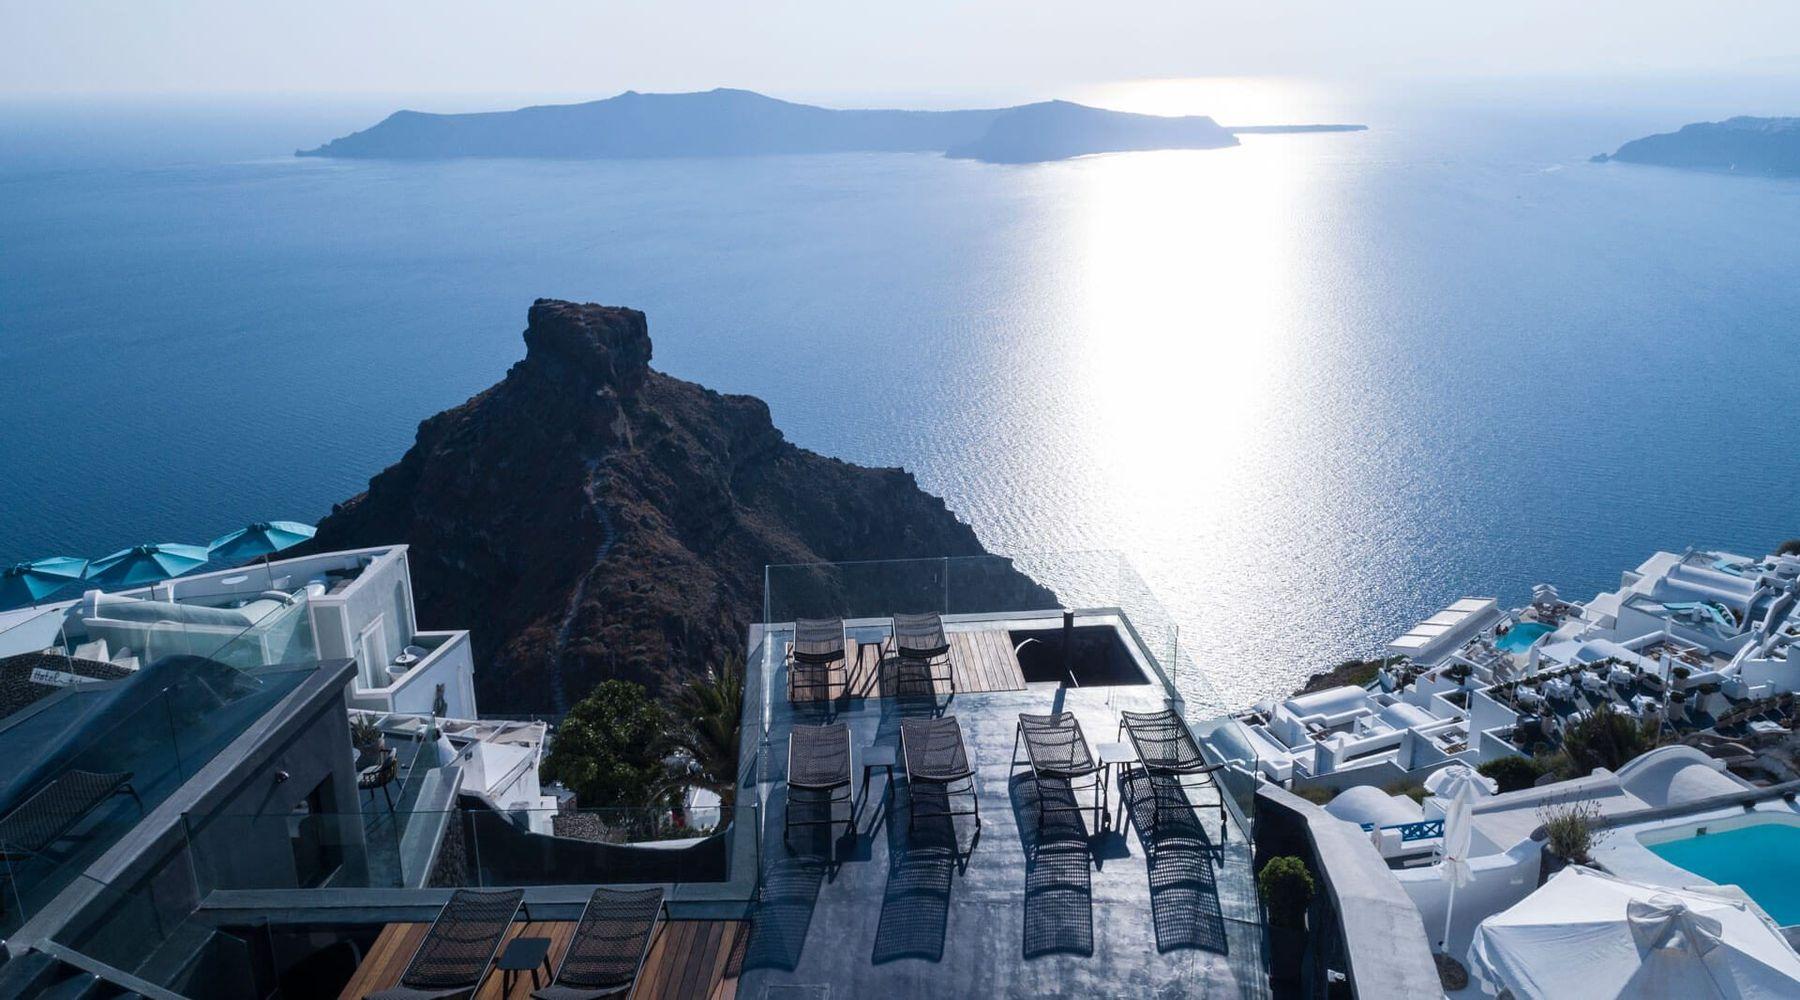 Kivotos Hotel & Villas, Santorini